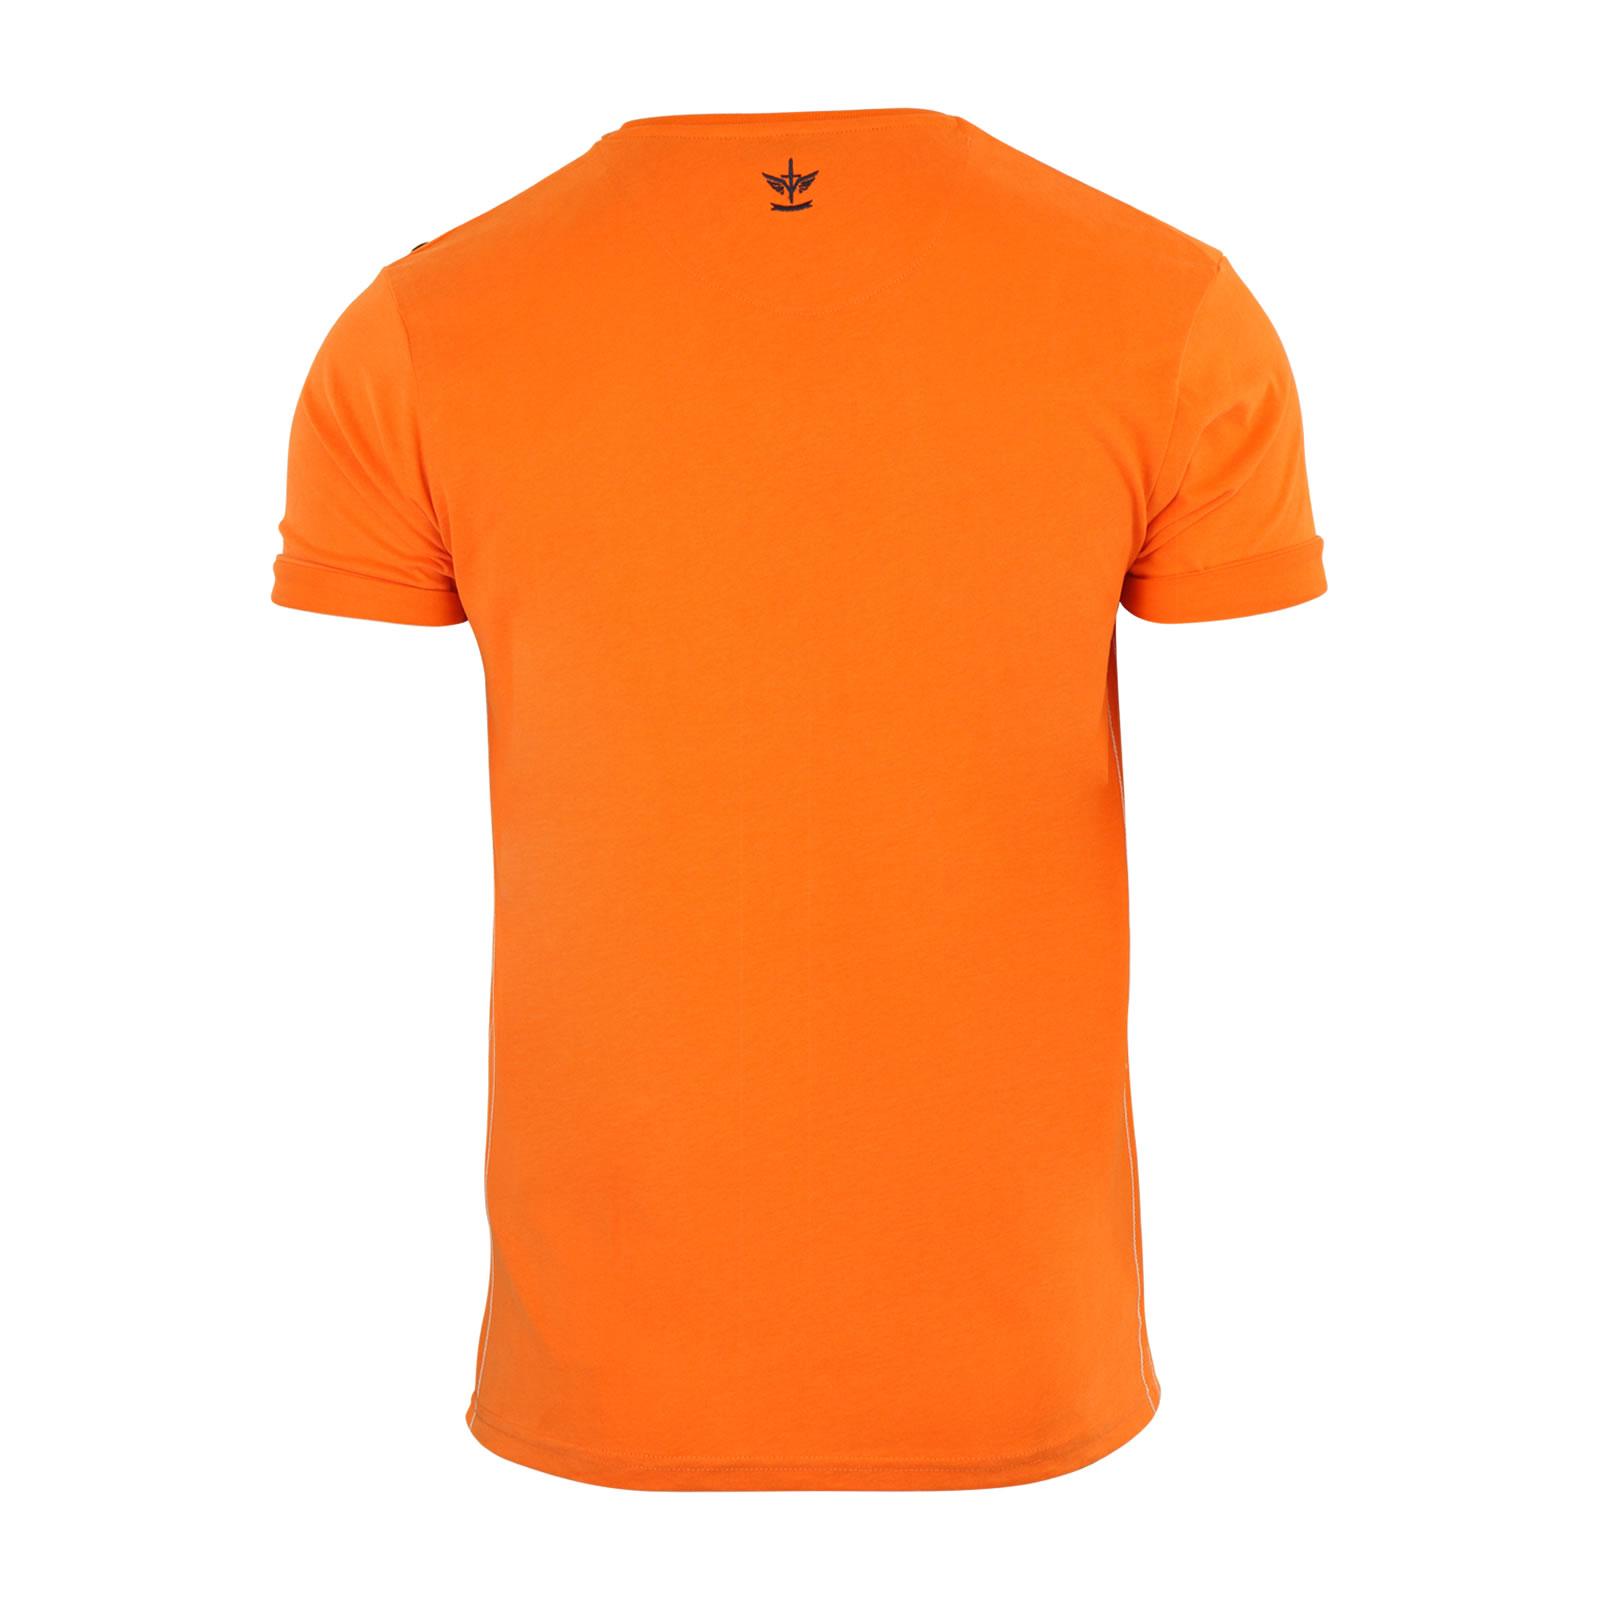 Mens T Shirt Firetrap Rusper Burnout Cotton Graphic Crew